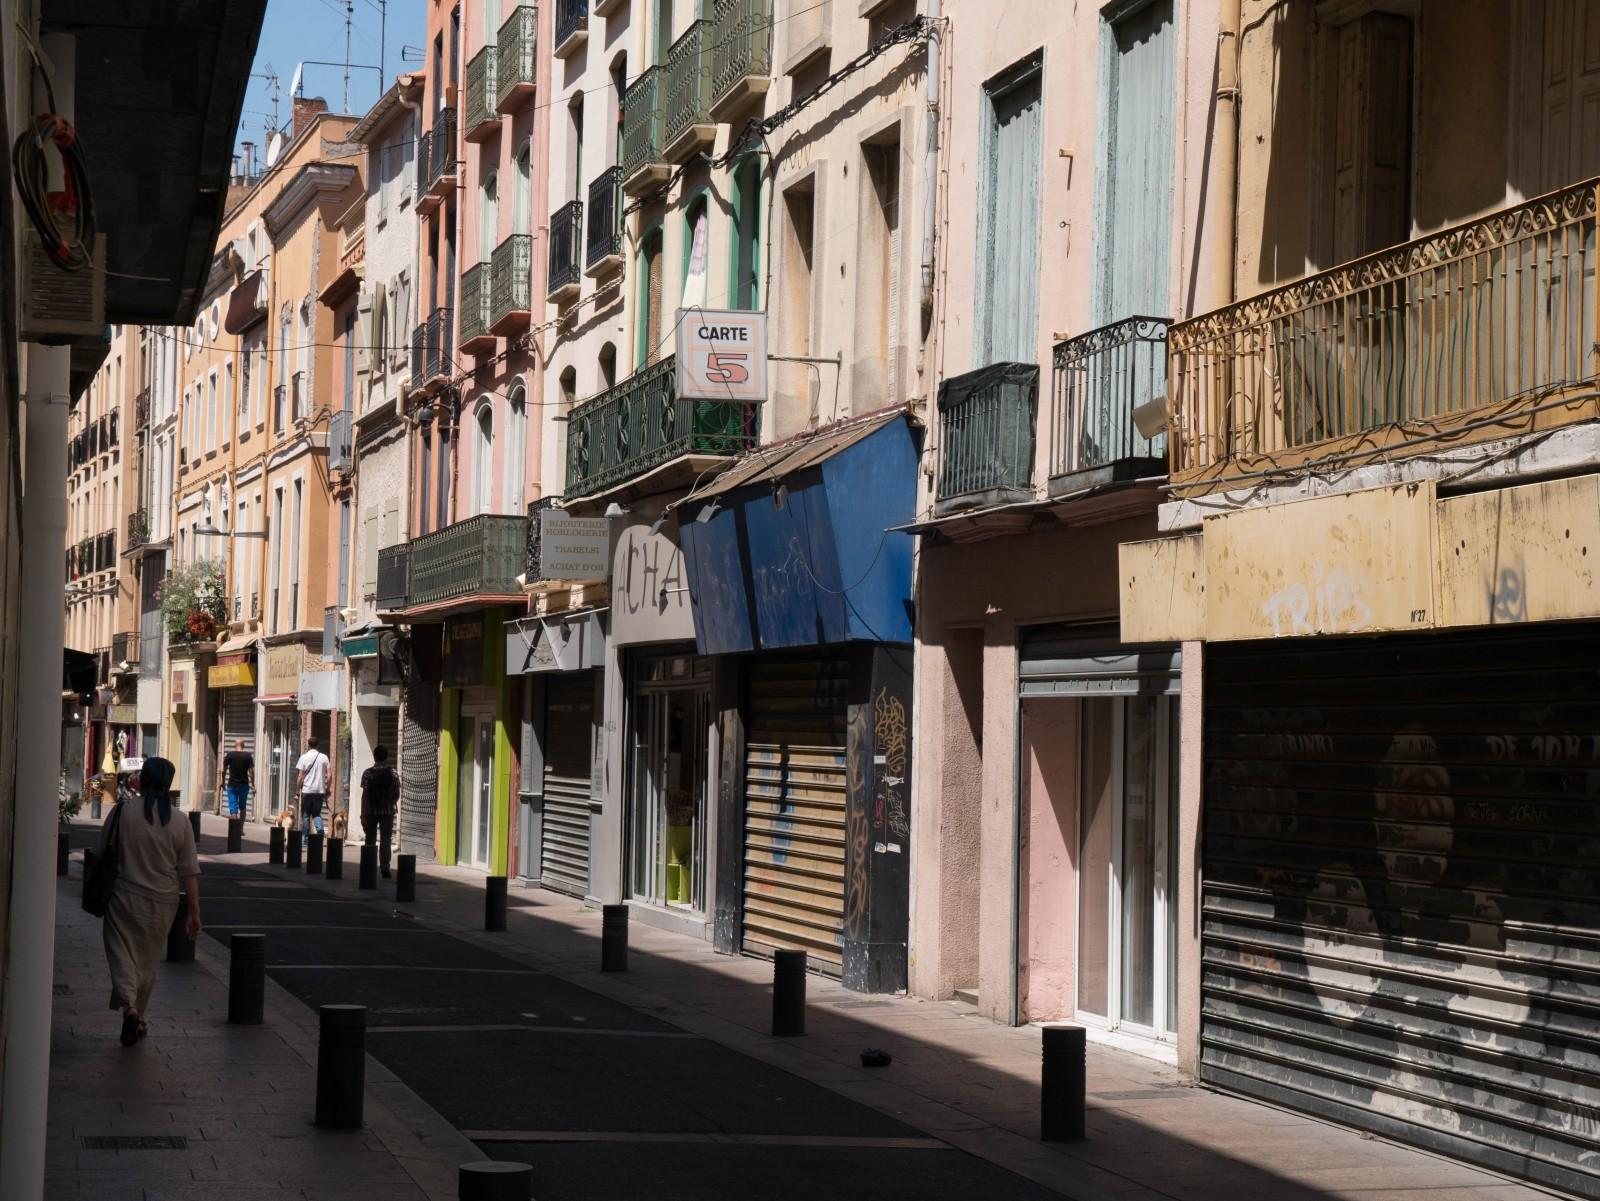 Le centre historique de Perpignan souffre comme beaucoup d'autres d'une vacance commerciale importante en centre-ville. La révision du PSMV en cours associé à un projet ANRU et à la volonté municipale de revitaliser le centre donne de l'espoir pour un avenir plus favorable prenant en compte tous les enjeux. © Philippe Cieren.